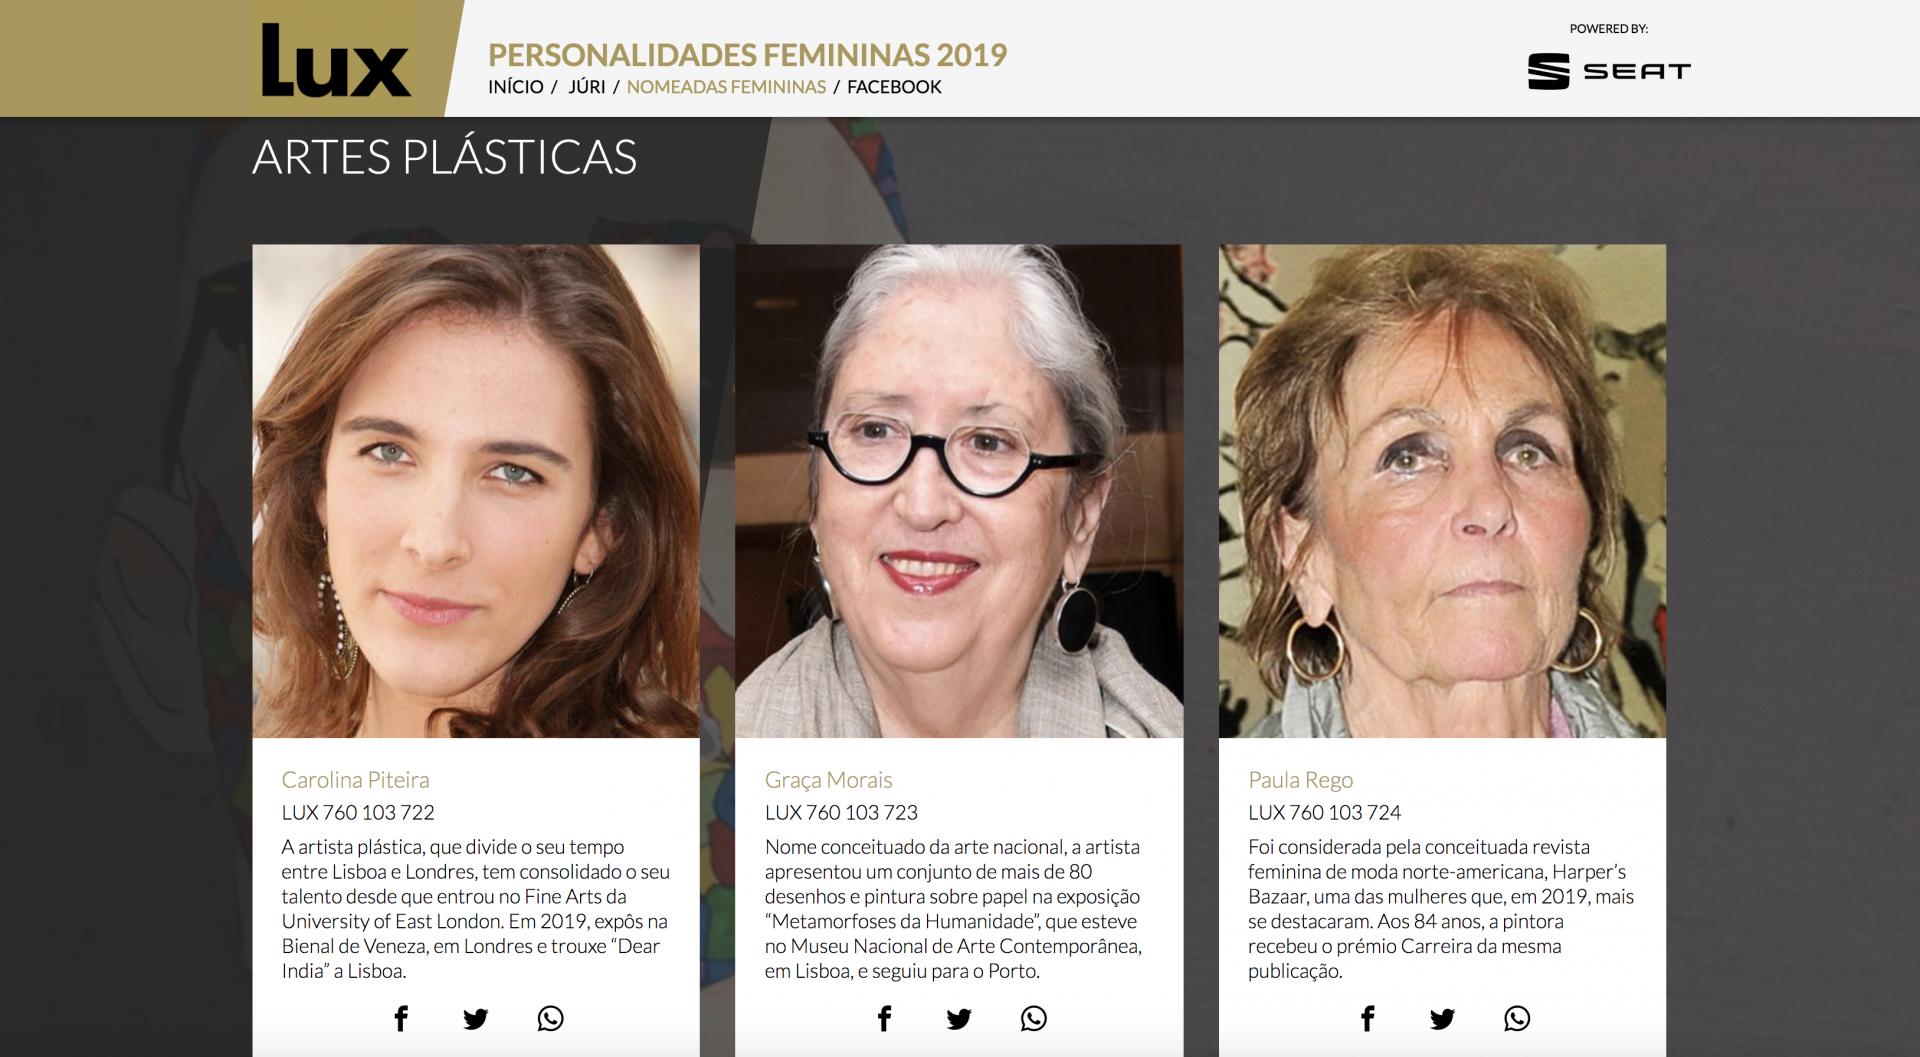 Carolina Piteira Press Nomeações Personalidades Femininas da Revista Lux  (1)